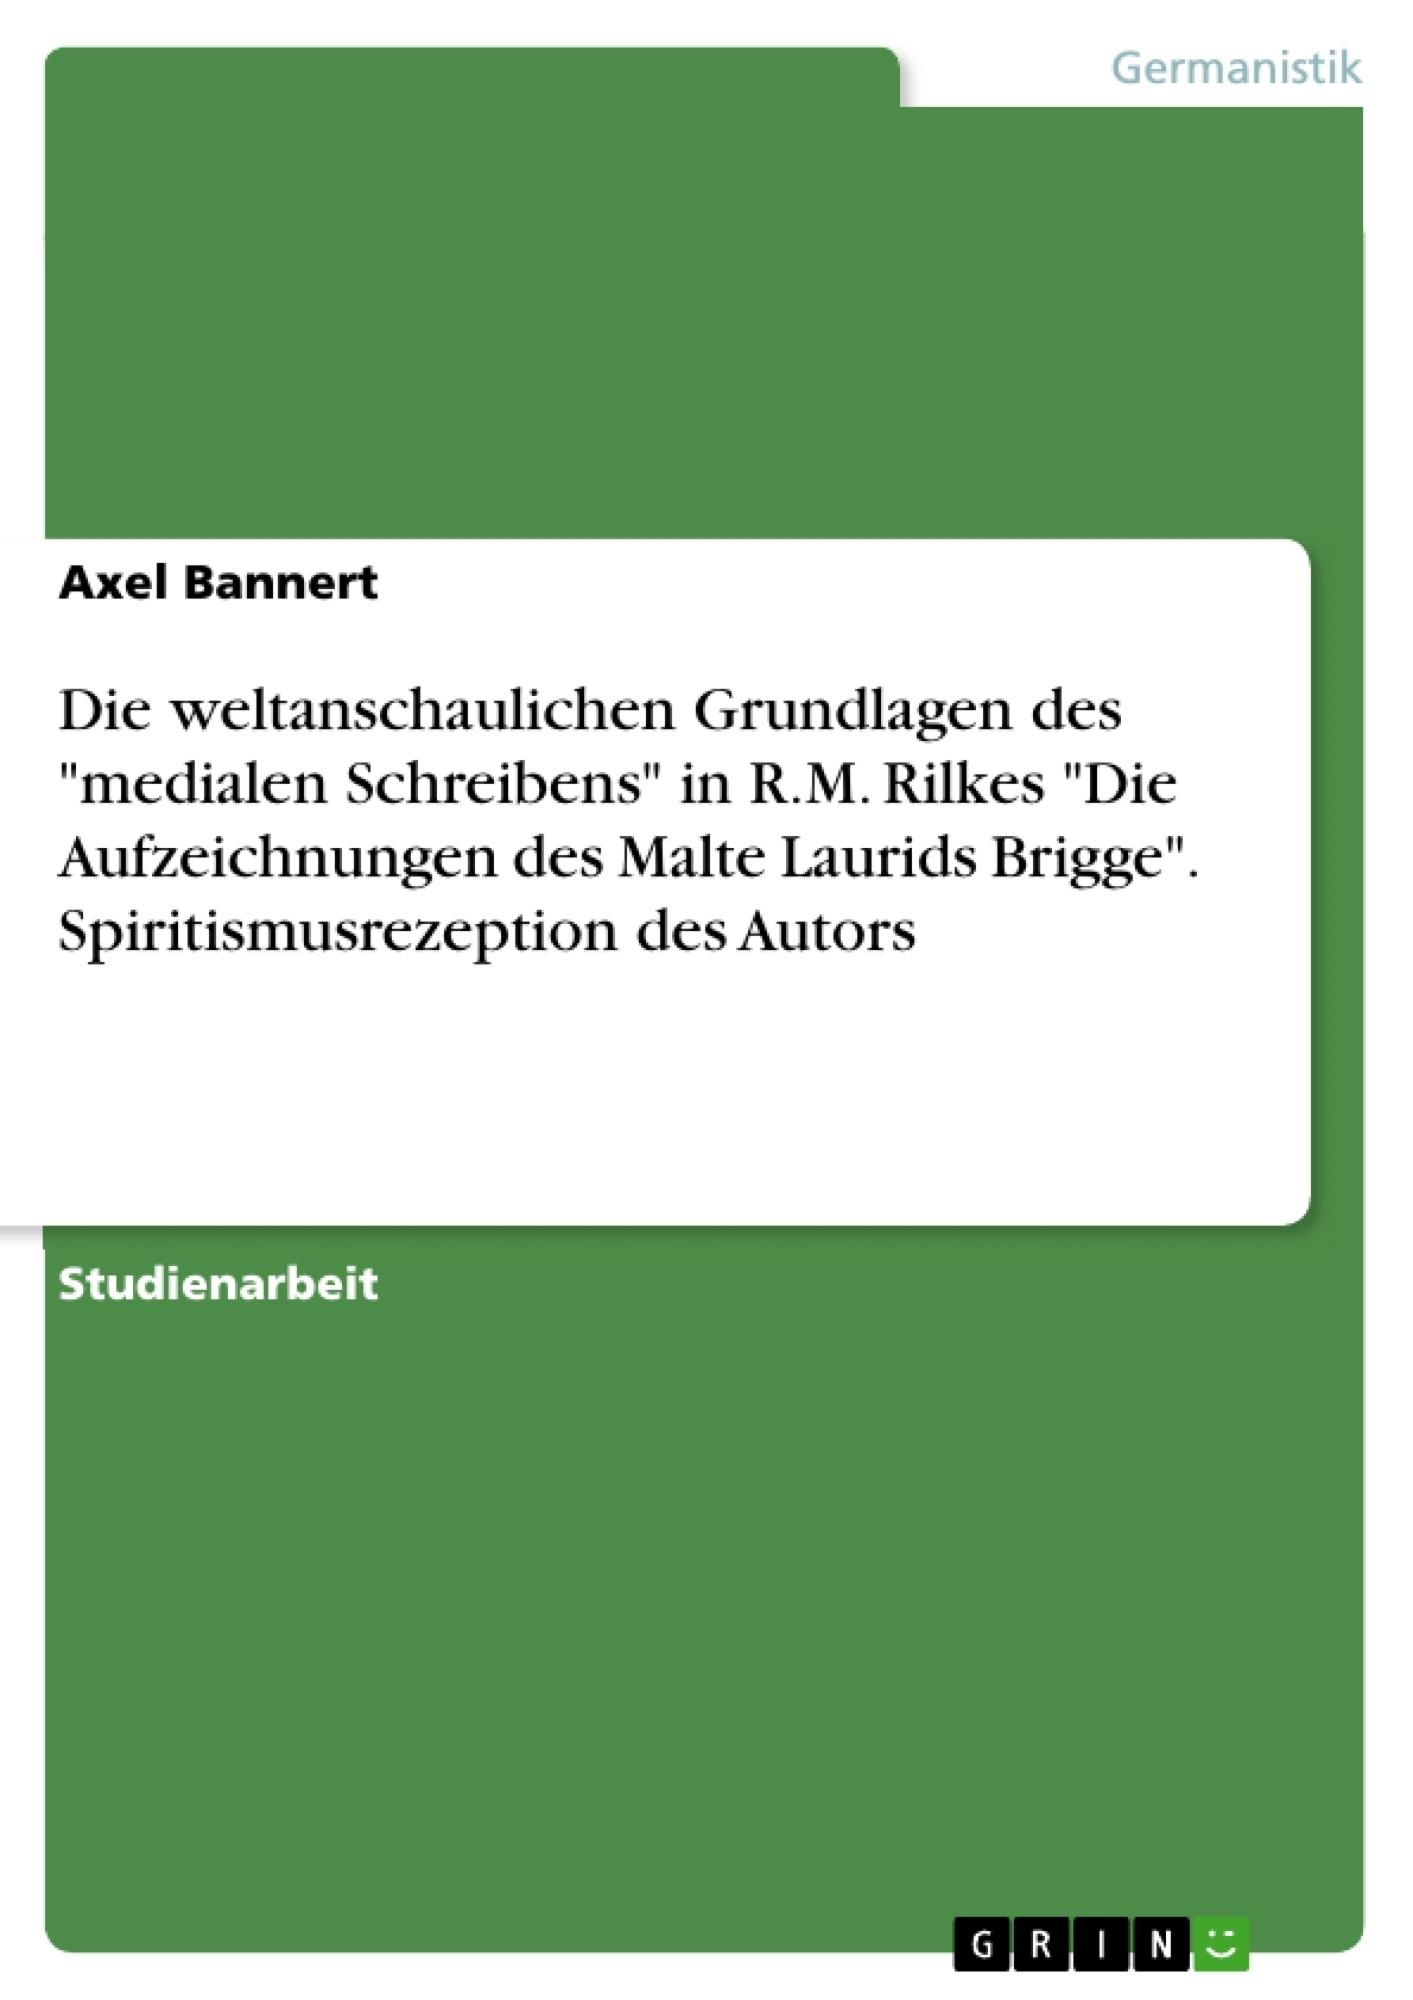 """Titel: Die weltanschaulichen Grundlagen des """"medialen Schreibens"""" in R.M. Rilkes """"Die Aufzeichnungen des Malte Laurids Brigge"""". Spiritismusrezeption des Autors"""